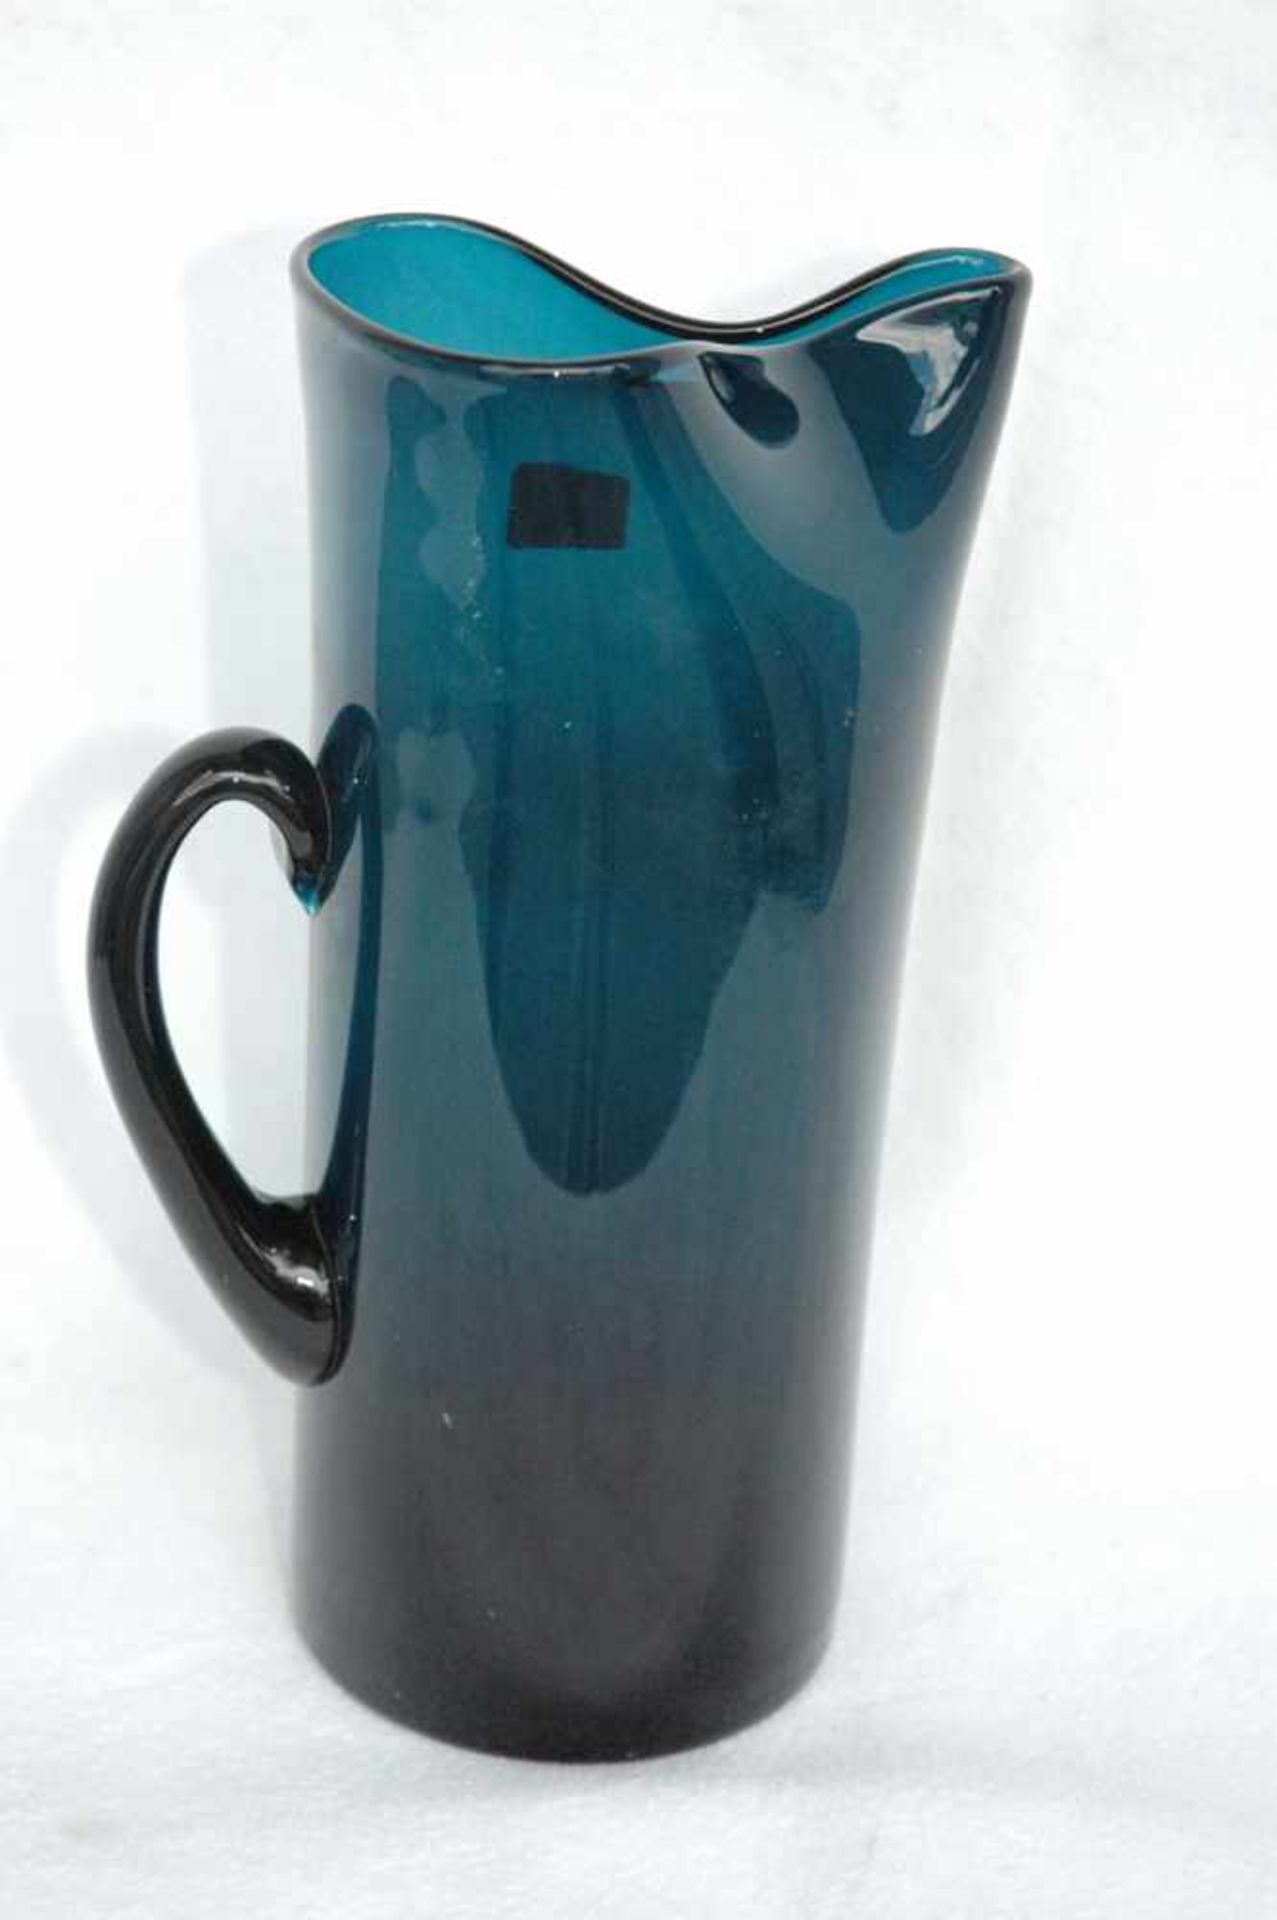 Blaue Glaskanne, Abriß ausgeschliffen, Günche gedrückte Form, h= 25 cm - Bild 2 aus 4